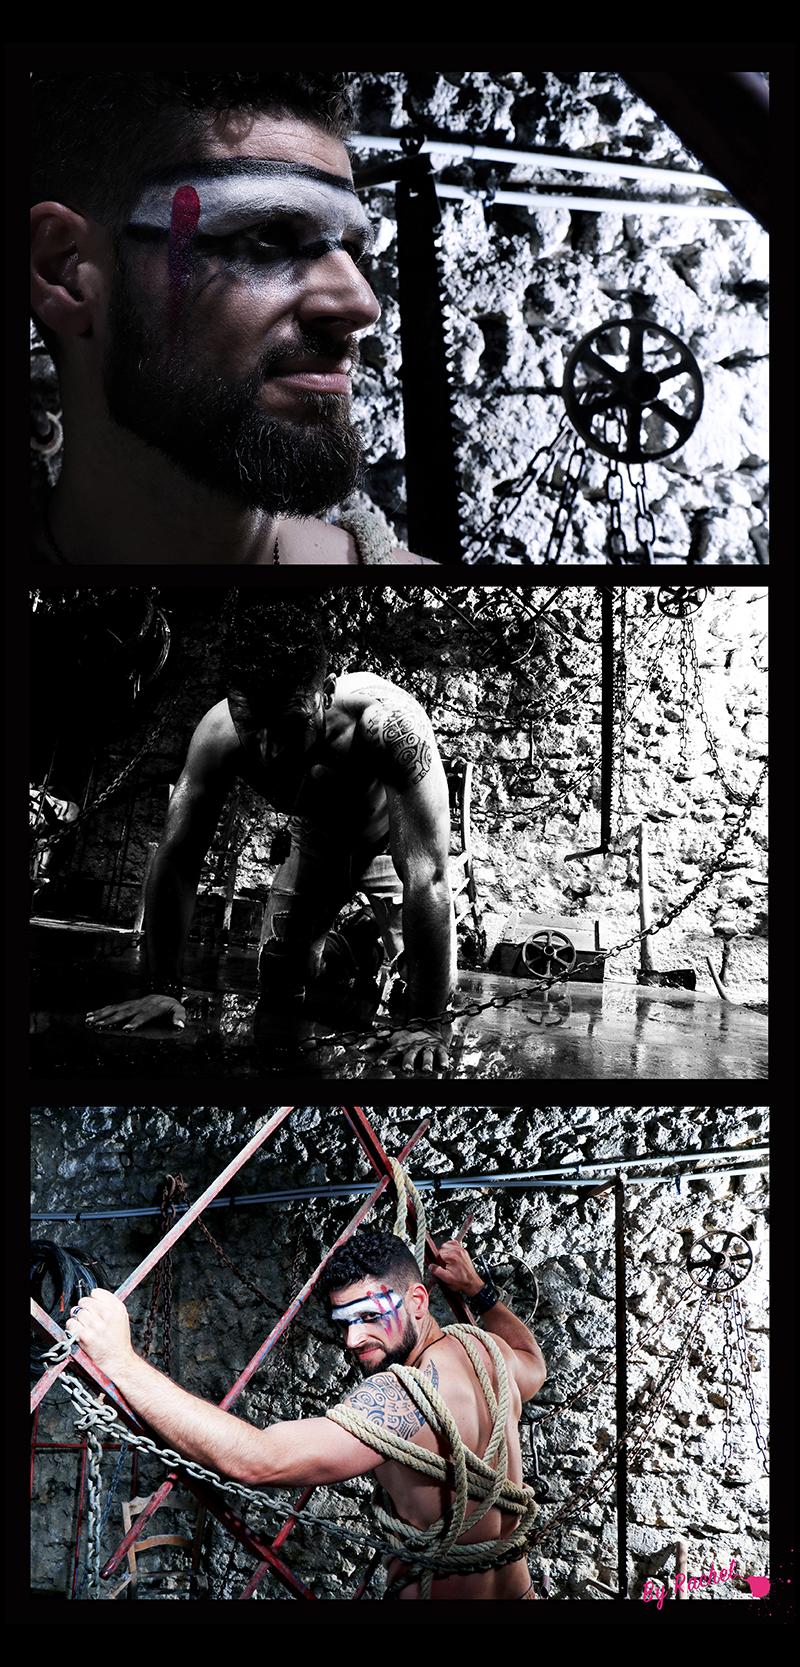 thème évolution pour l'expo photo de notre photographe Rachel Joubi, portrait très serré pour accompagner l'homme qui se libère de ses chaînes